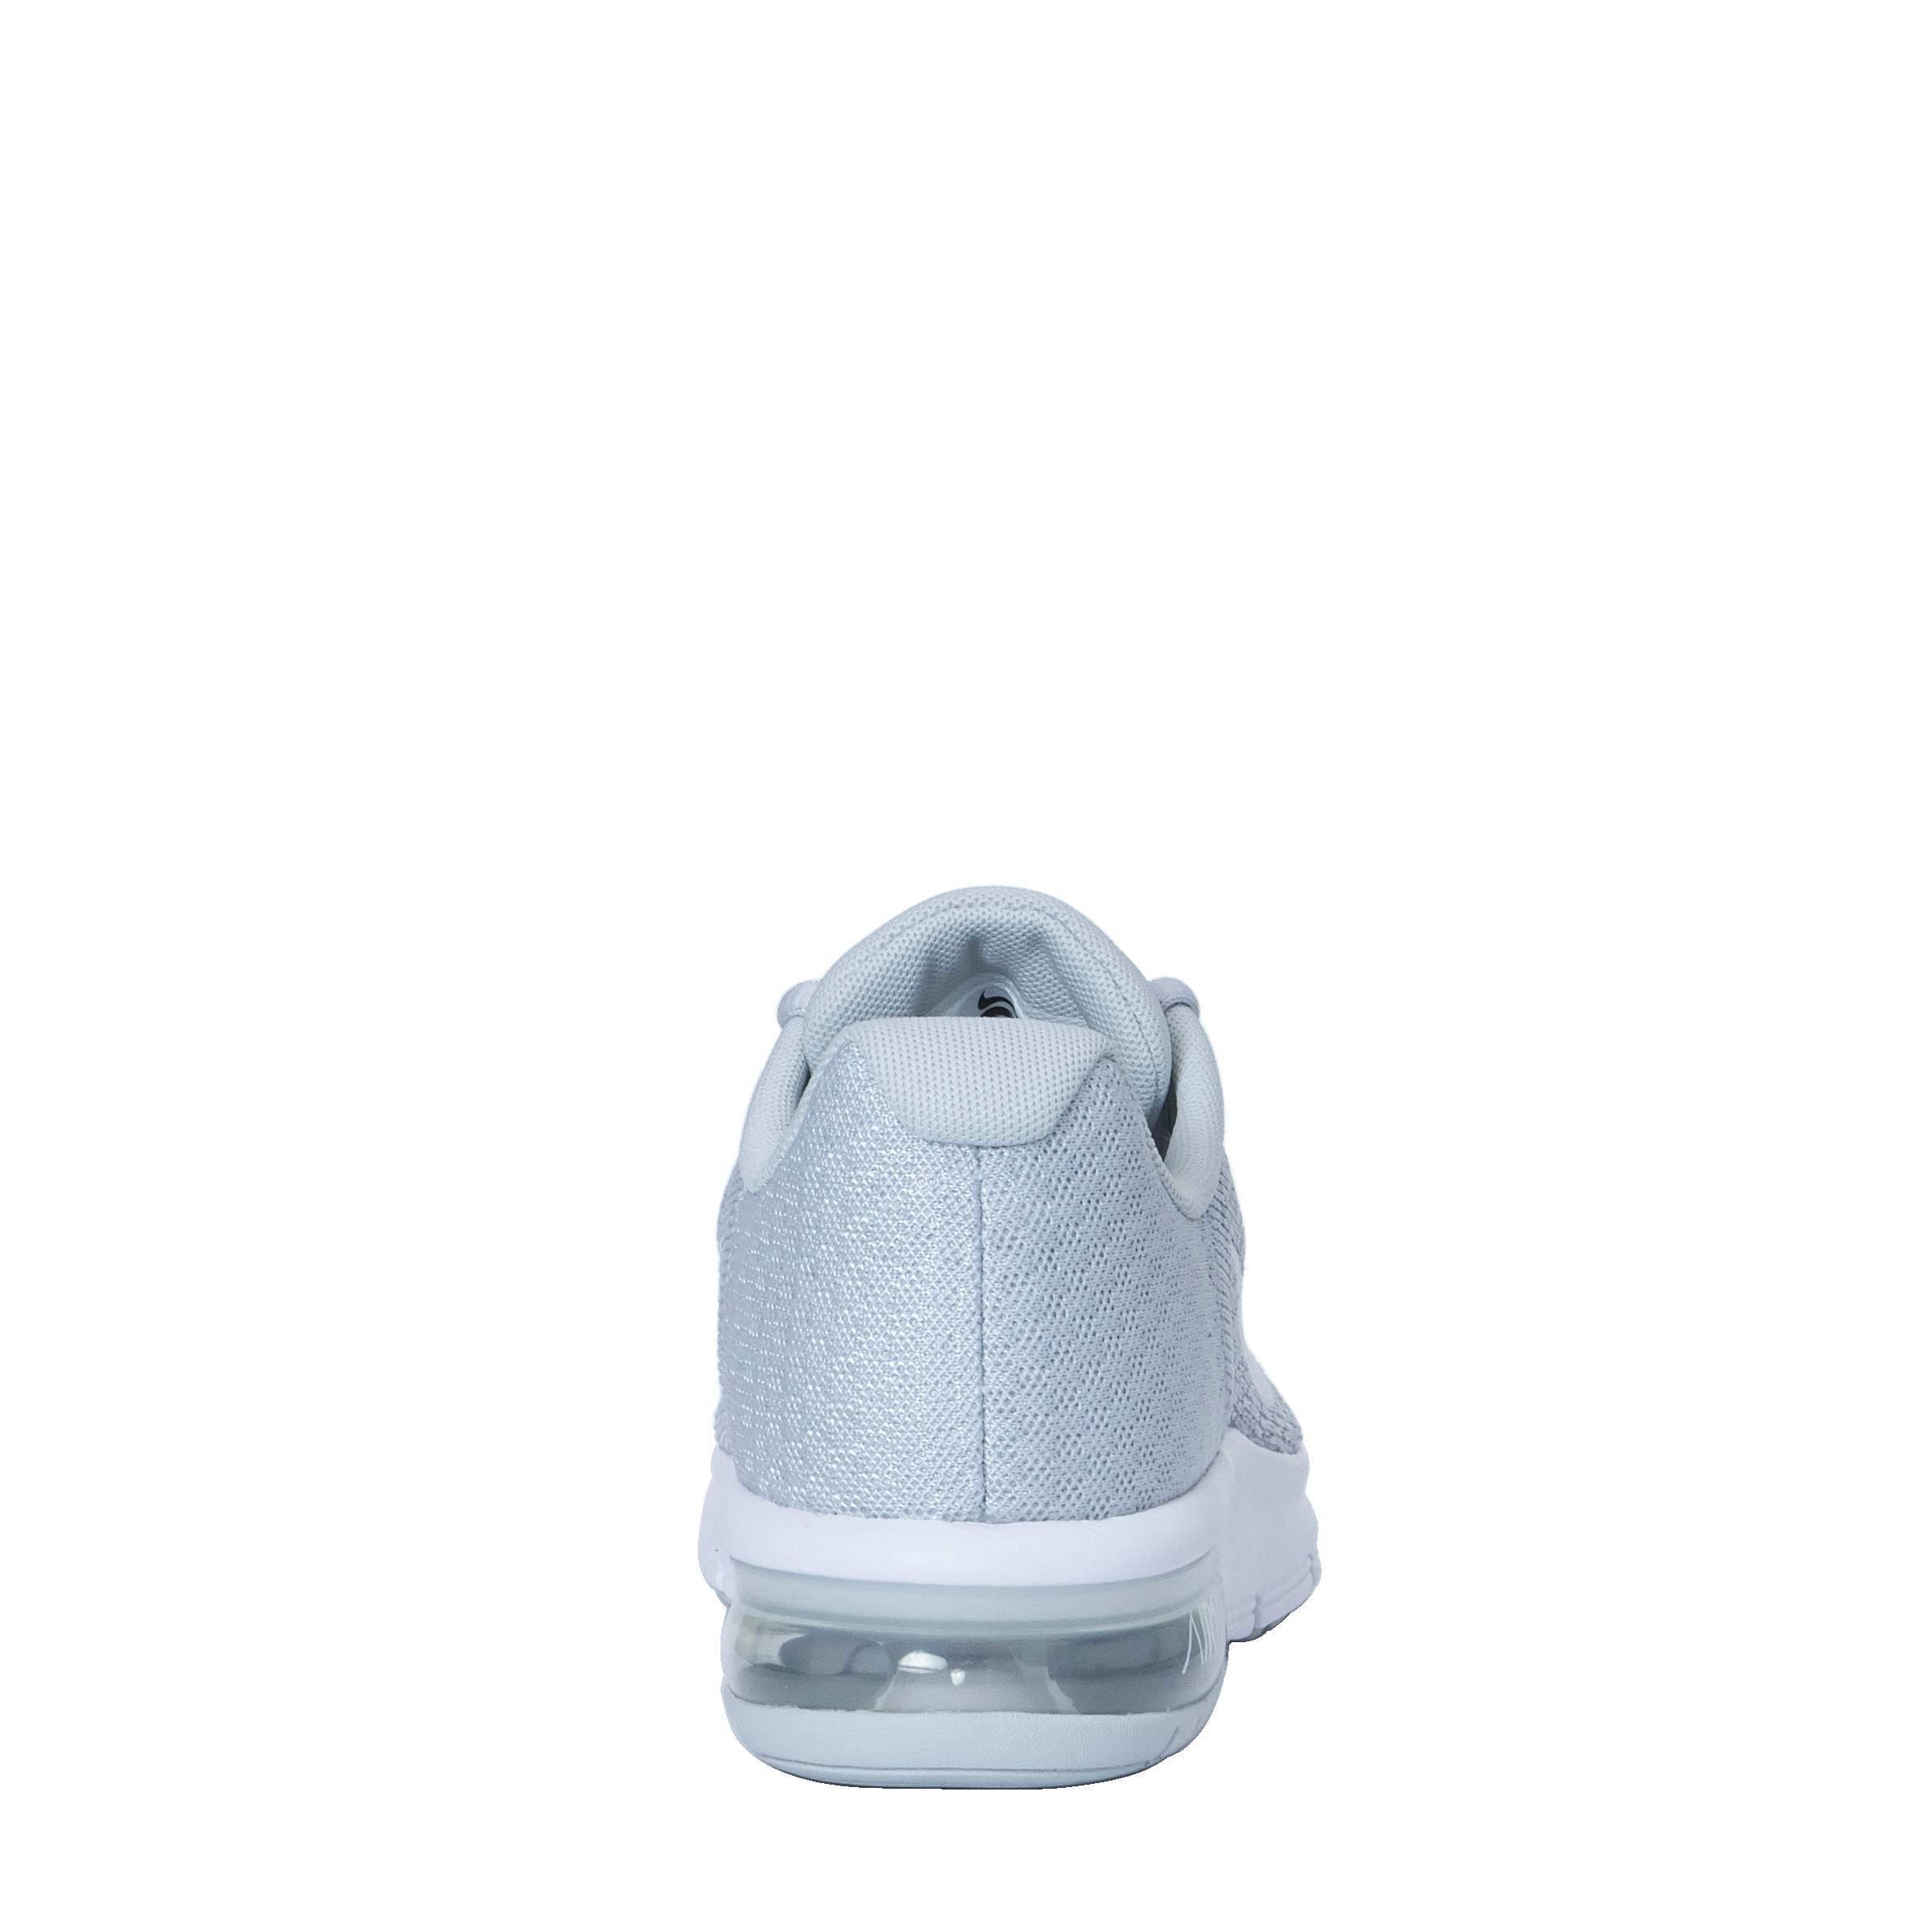 c10a711e4a5 nike-air-max-sequent-2-gs-sneakers-grijs-0887224376148.jpg